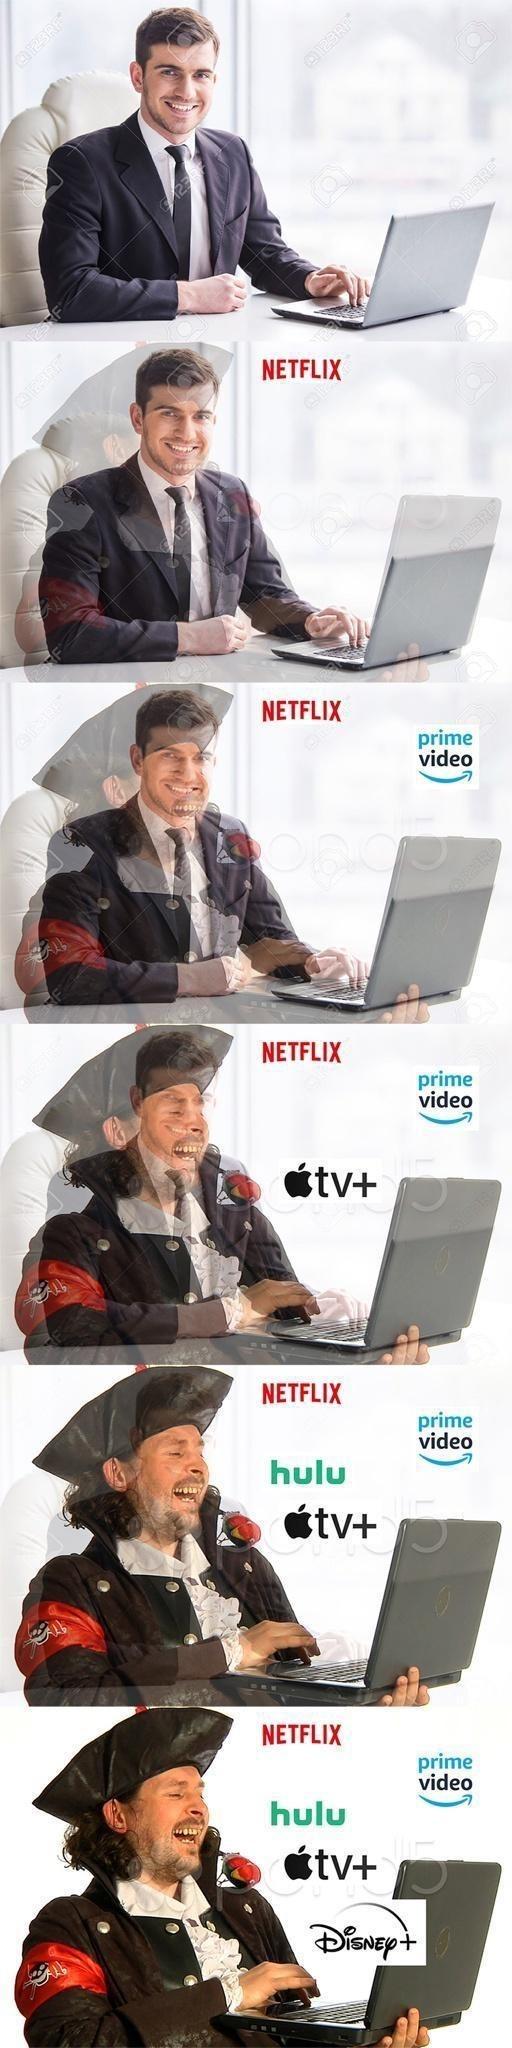 Clothing - NETFLIX NETFLIX prime video NETFLIX prime video étv+ NETFLIX prime video hulu étv+ NETFLIX prime video hulu átv+